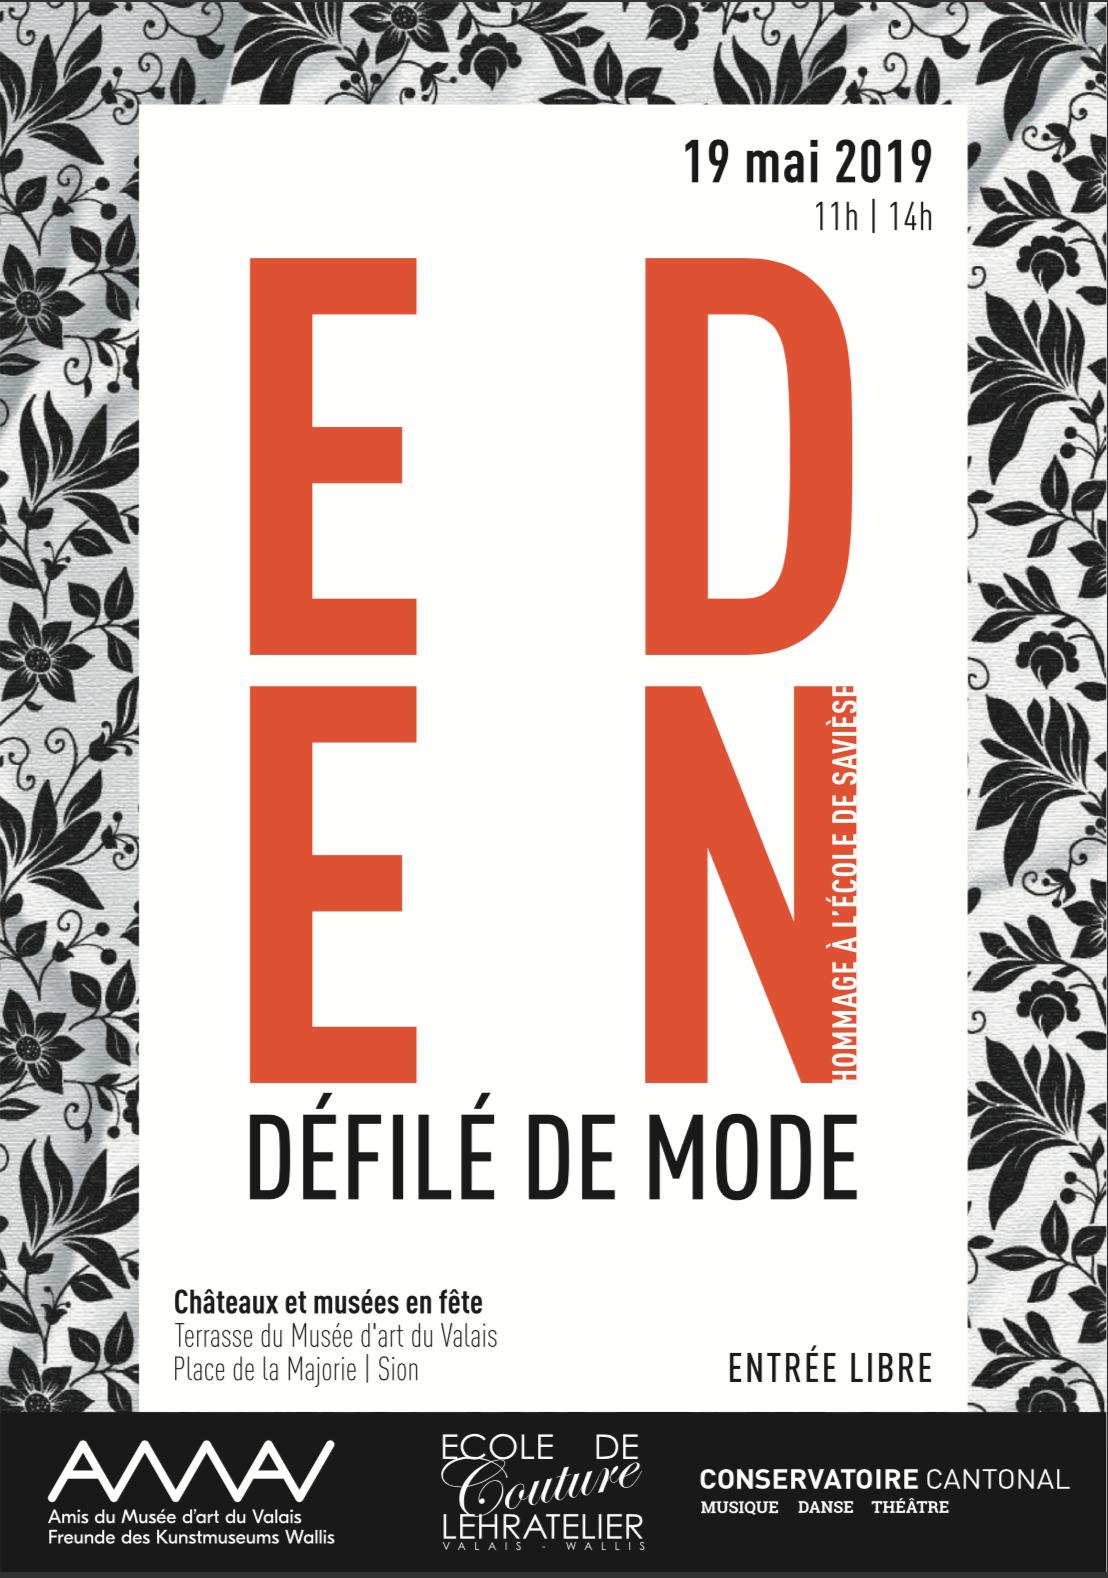 affiche_ecoledesaviese_defiledemode